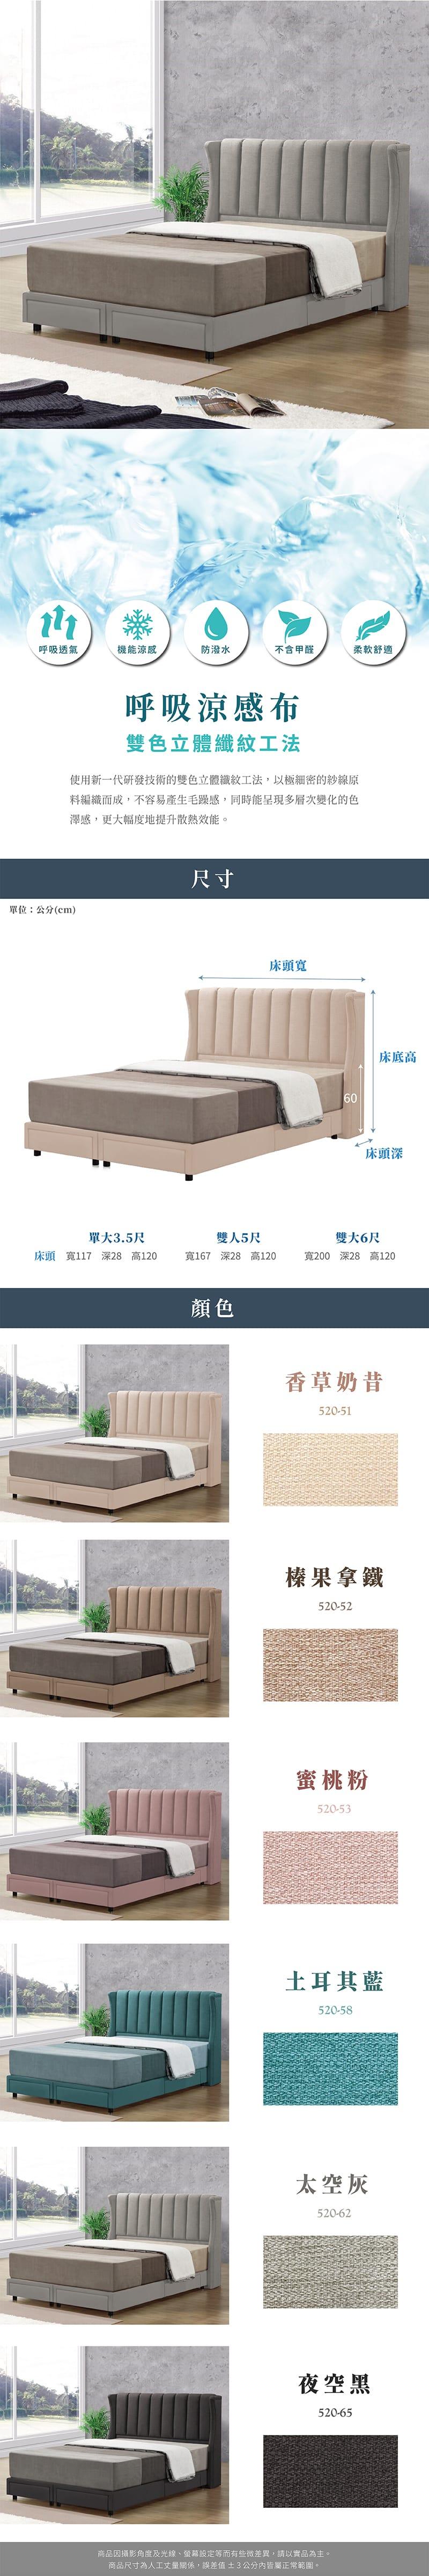 羅賓 涼感布床頭片 單人加大3.5尺